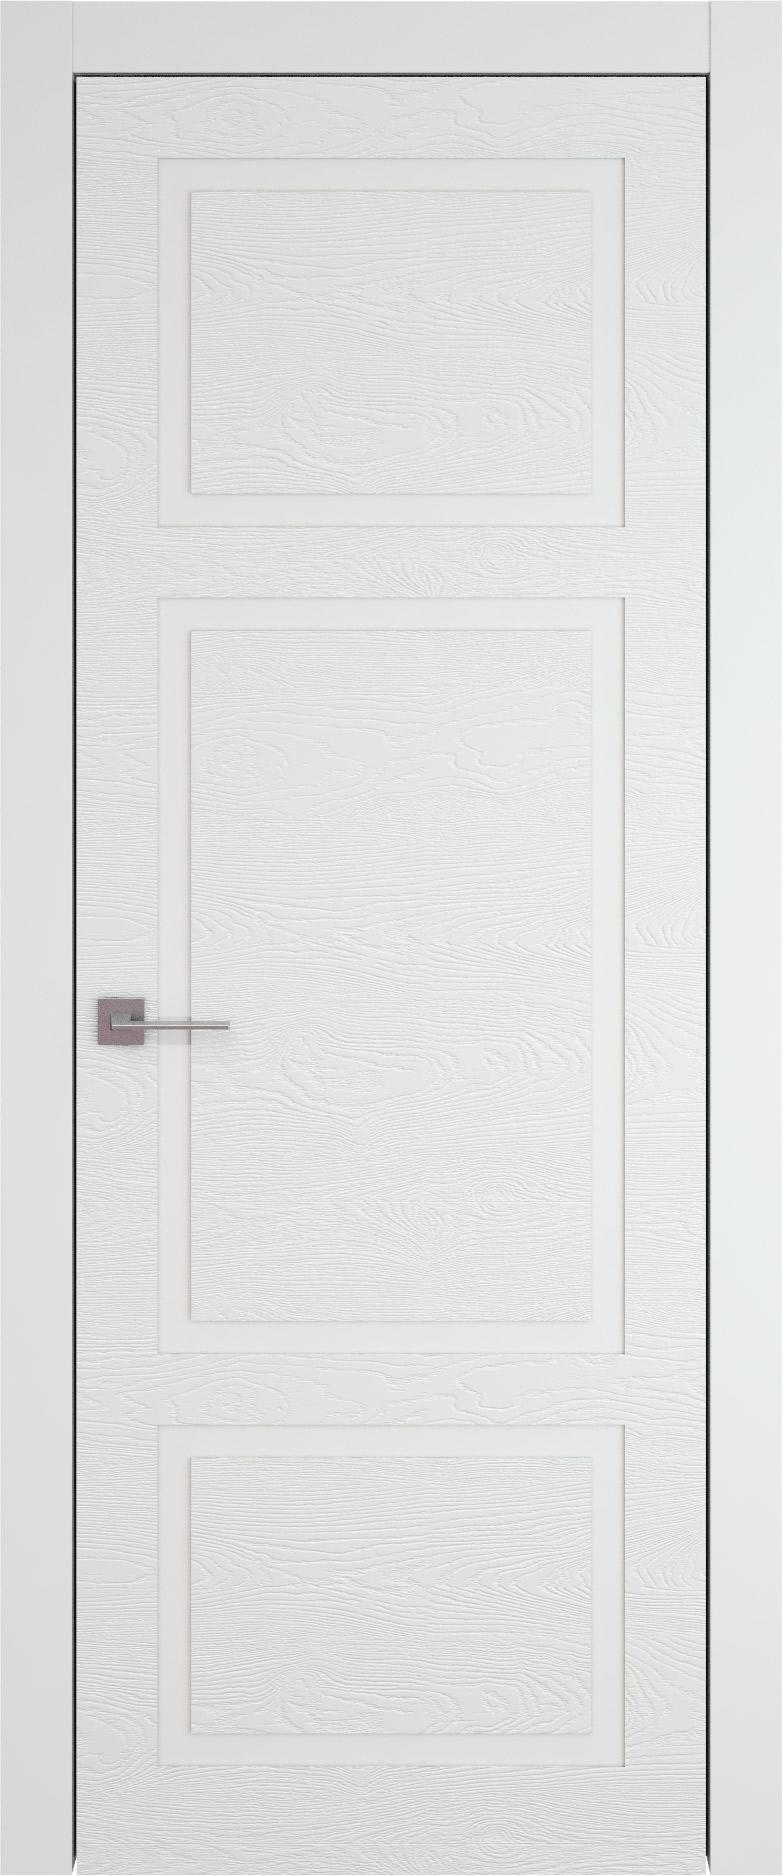 Tivoli К-5 цвет - Белая эмаль по шпону (RAL 9003) Без стекла (ДГ)